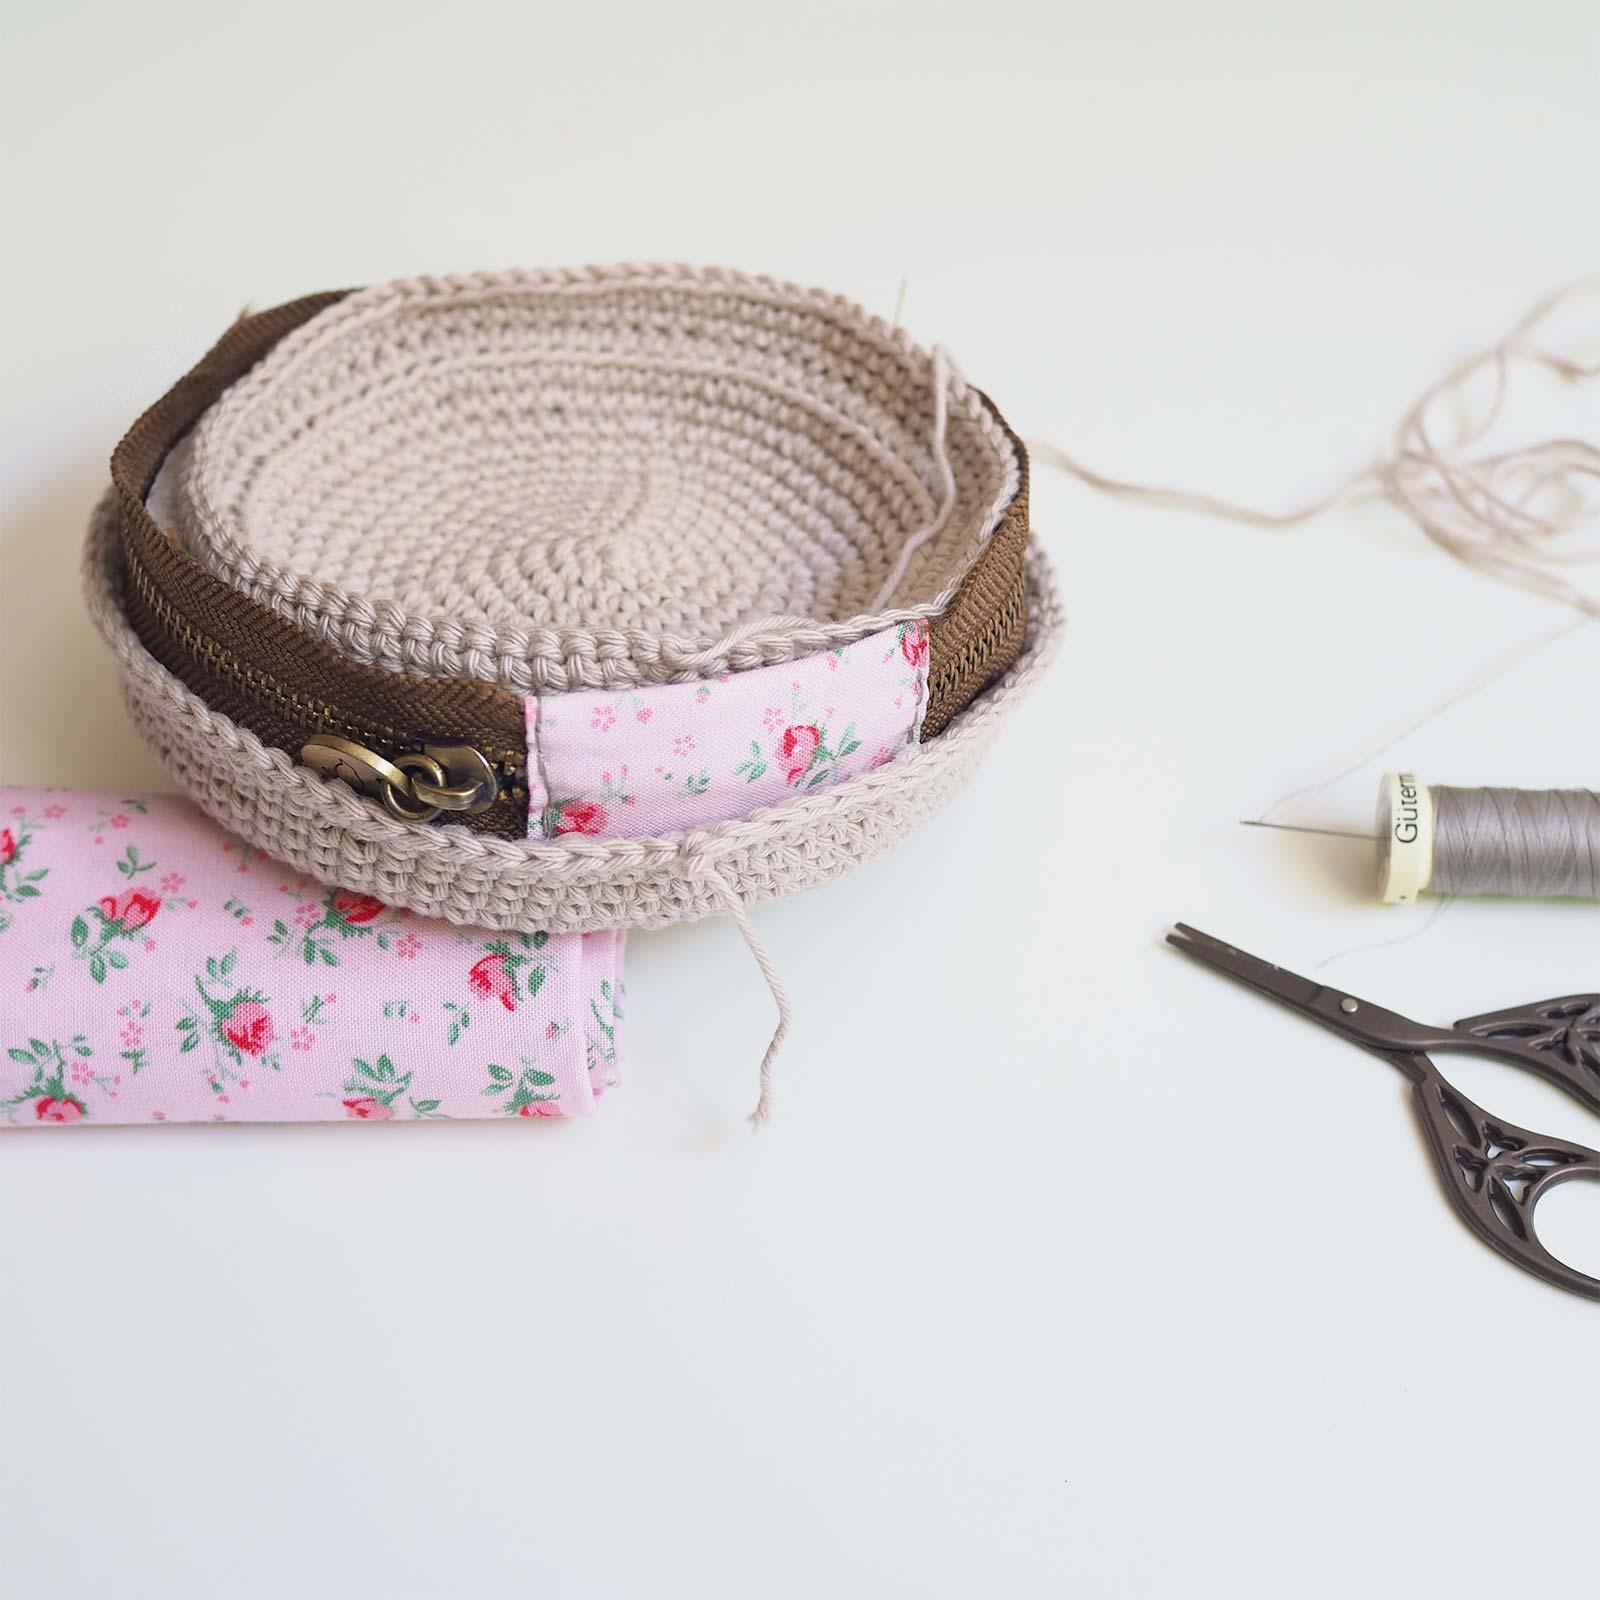 upcycling surcyclage crochet écrin fermeture éclair tuto chouettekit coton ricorumi laboutiquedemelimelo